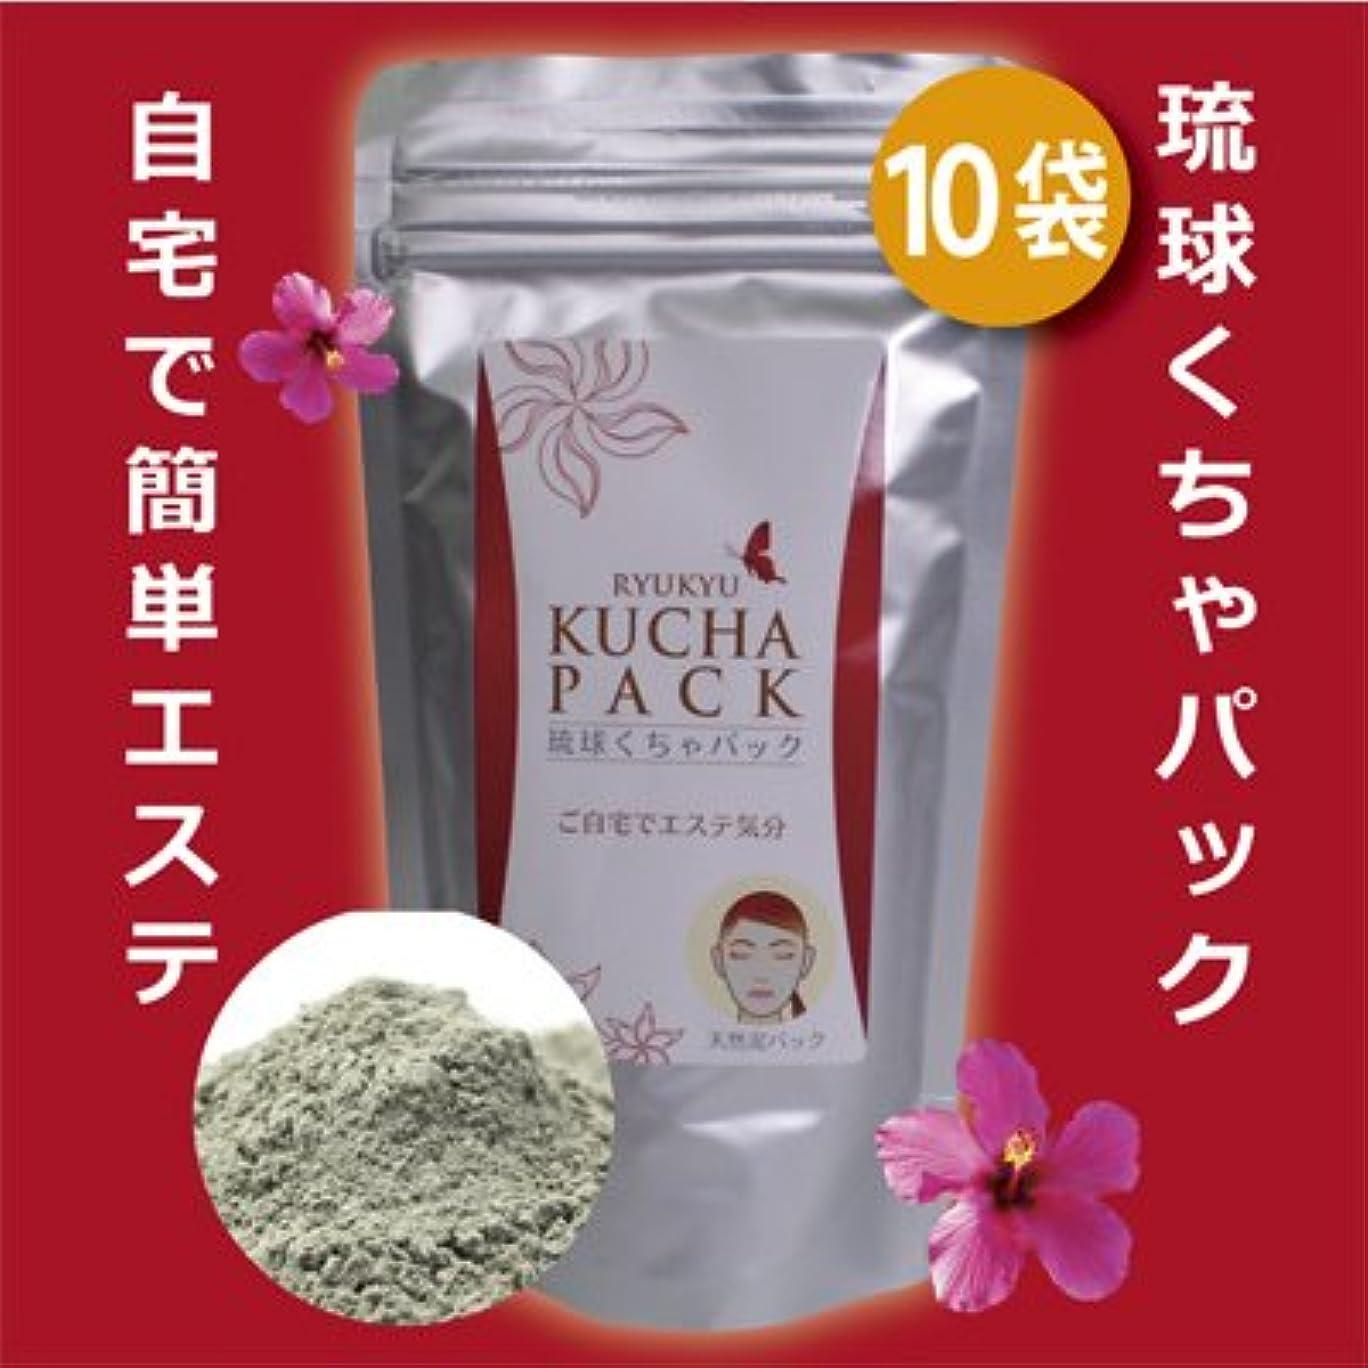 靴下りメロン美肌 健康作り 月桃水を加えた使いやすい粉末 沖縄産 琉球くちゃパック 150g 10パック